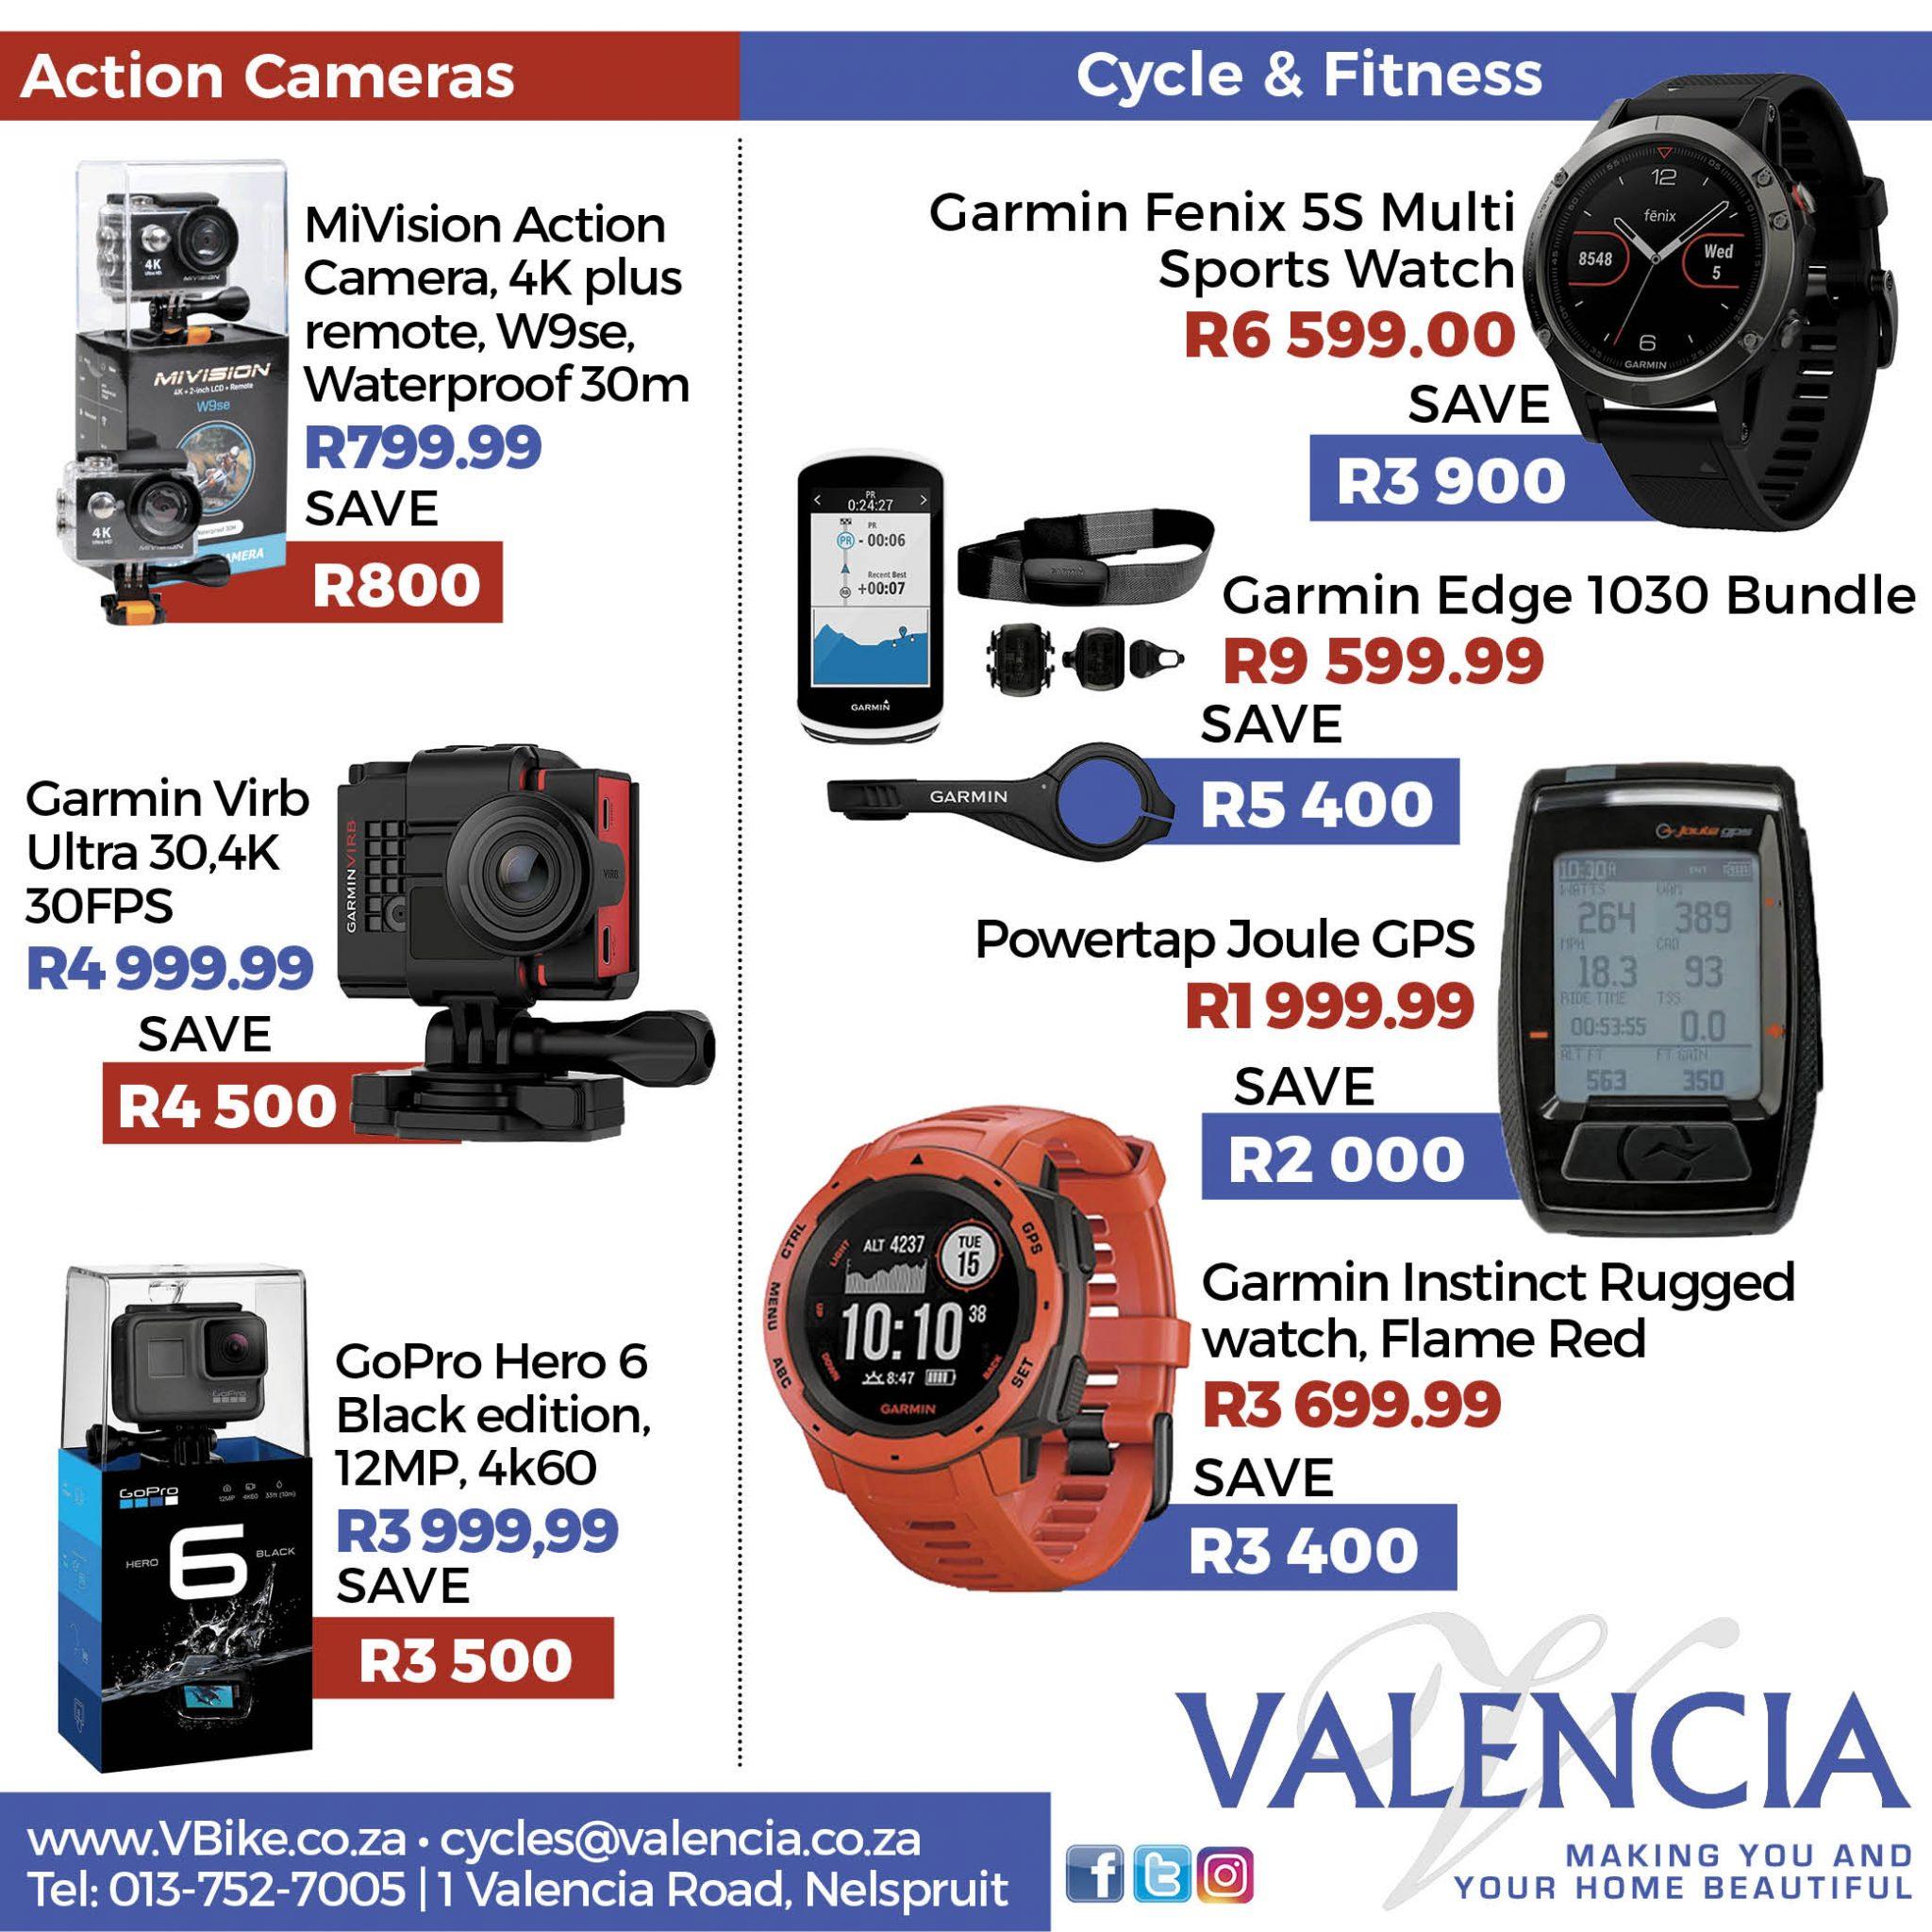 valencia-fb-na-2048x2048.jpg